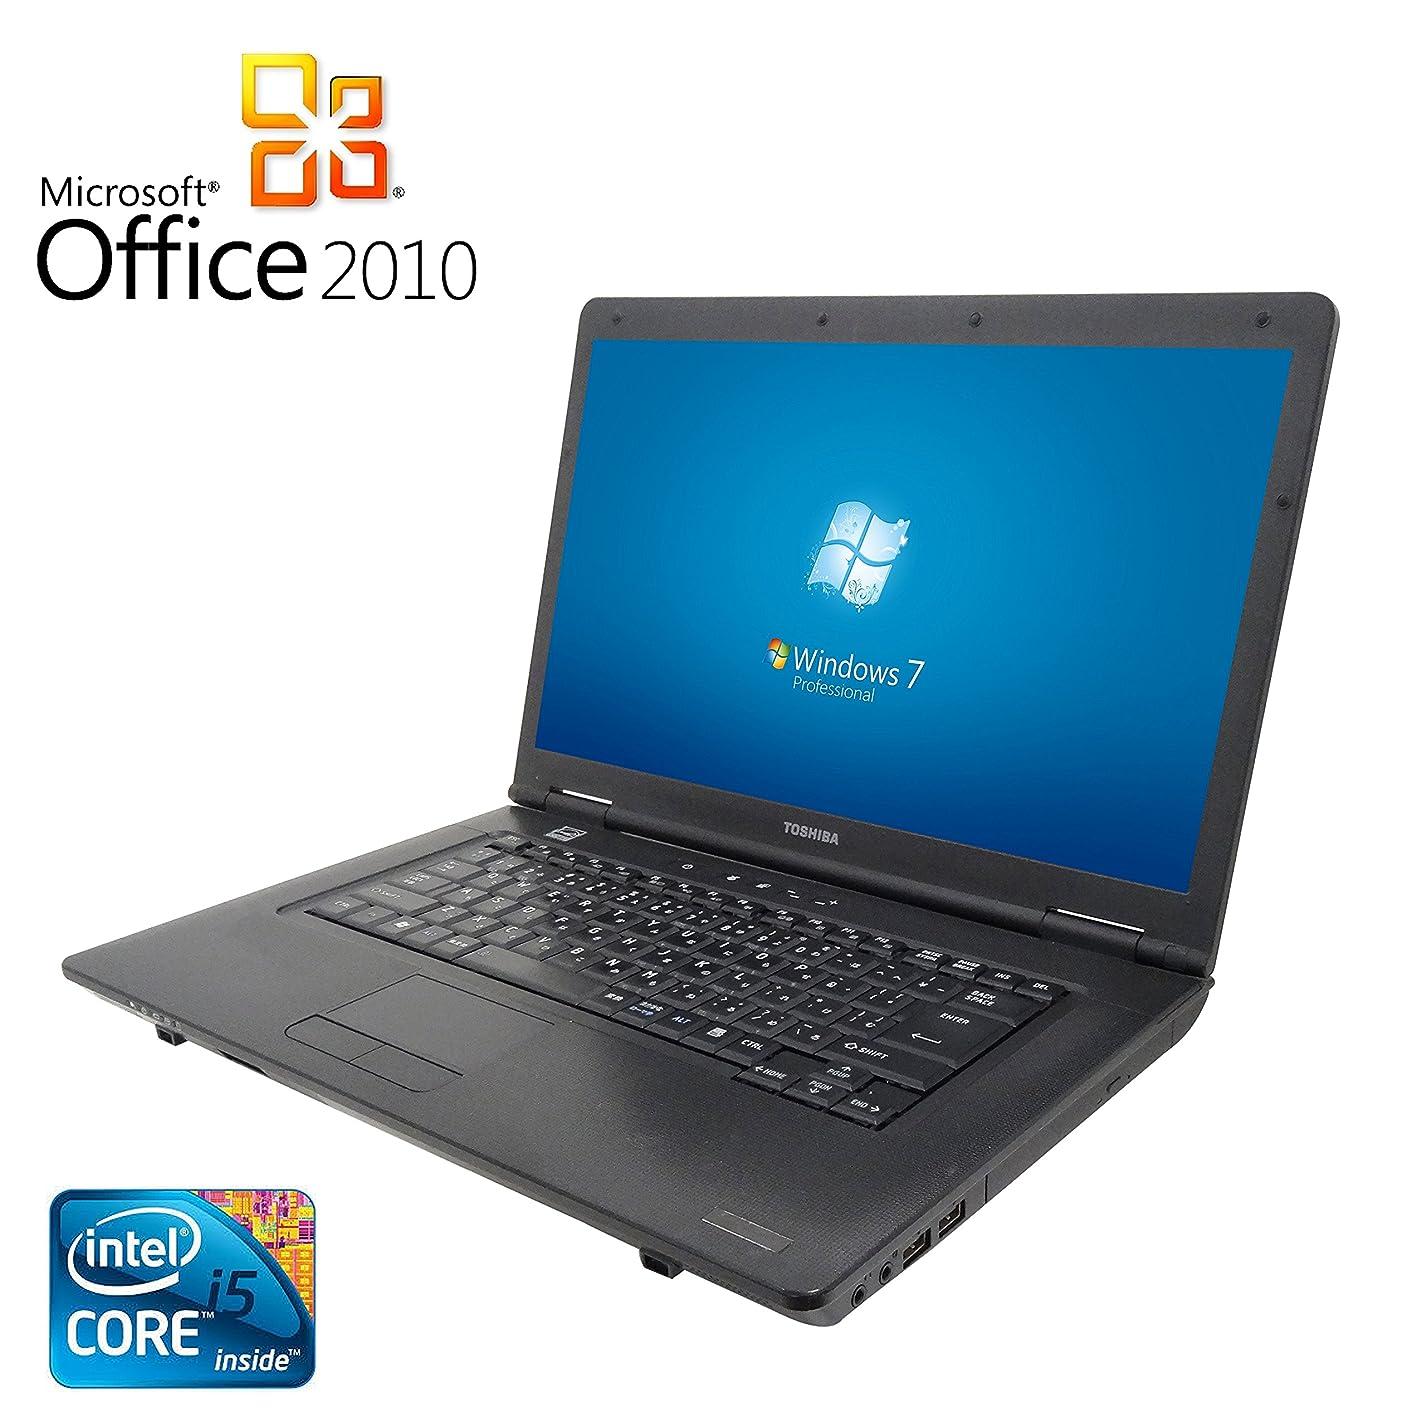 自分の高価なウェイド【Microsoft Office2010搭載】【Win7搭載】TOSHIBA Dynabook Satellite B650 /新世代 Core i5 2.67GHz/メモリ4GB/HDD250GB/外付テンキー付/DVDスーパーマルチ/大画面15インチ/無線LAN搭載/中古ノートパソコン